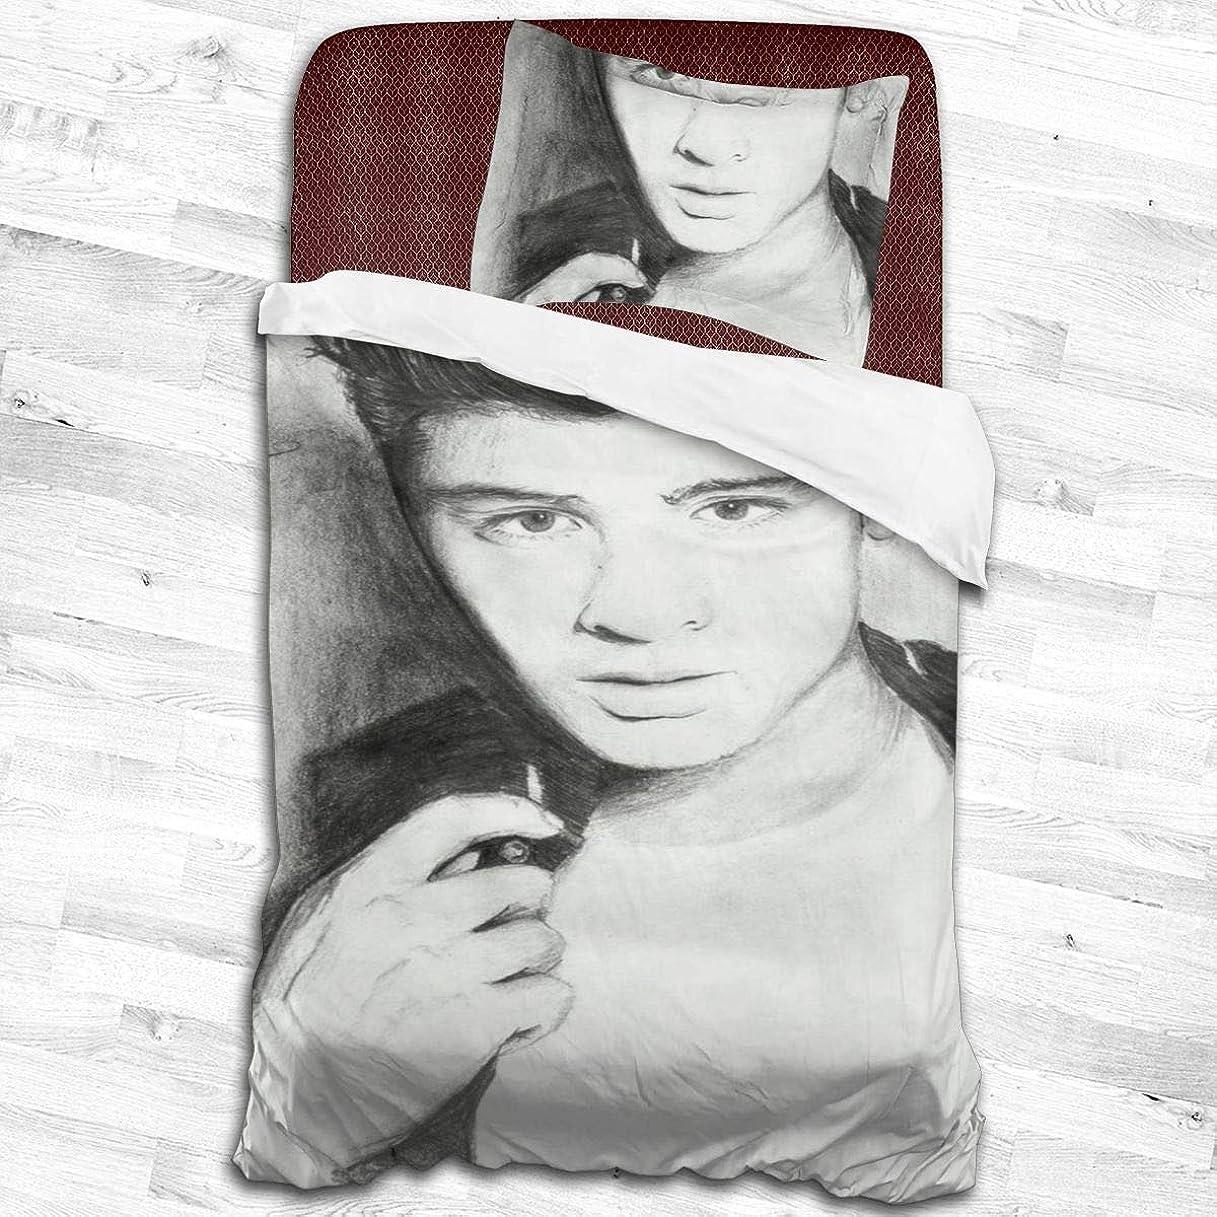 急性差し迫った到着寝具カバーセット、掛け布団カバー 枕カバー ザイン マリクZayn Malik 掛け布団カバー1つ+ 20